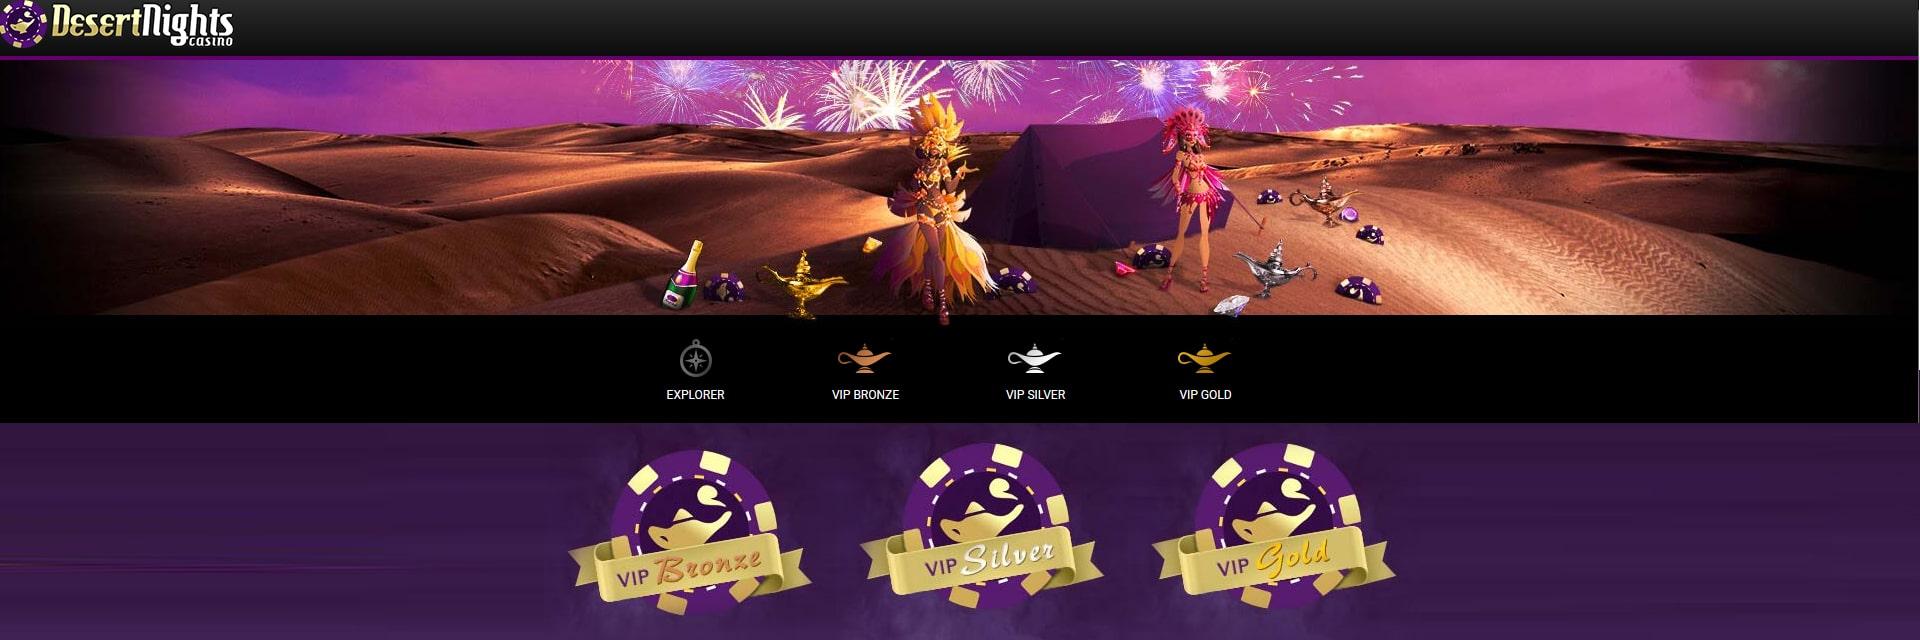 Desert Nights Casino VIP program.